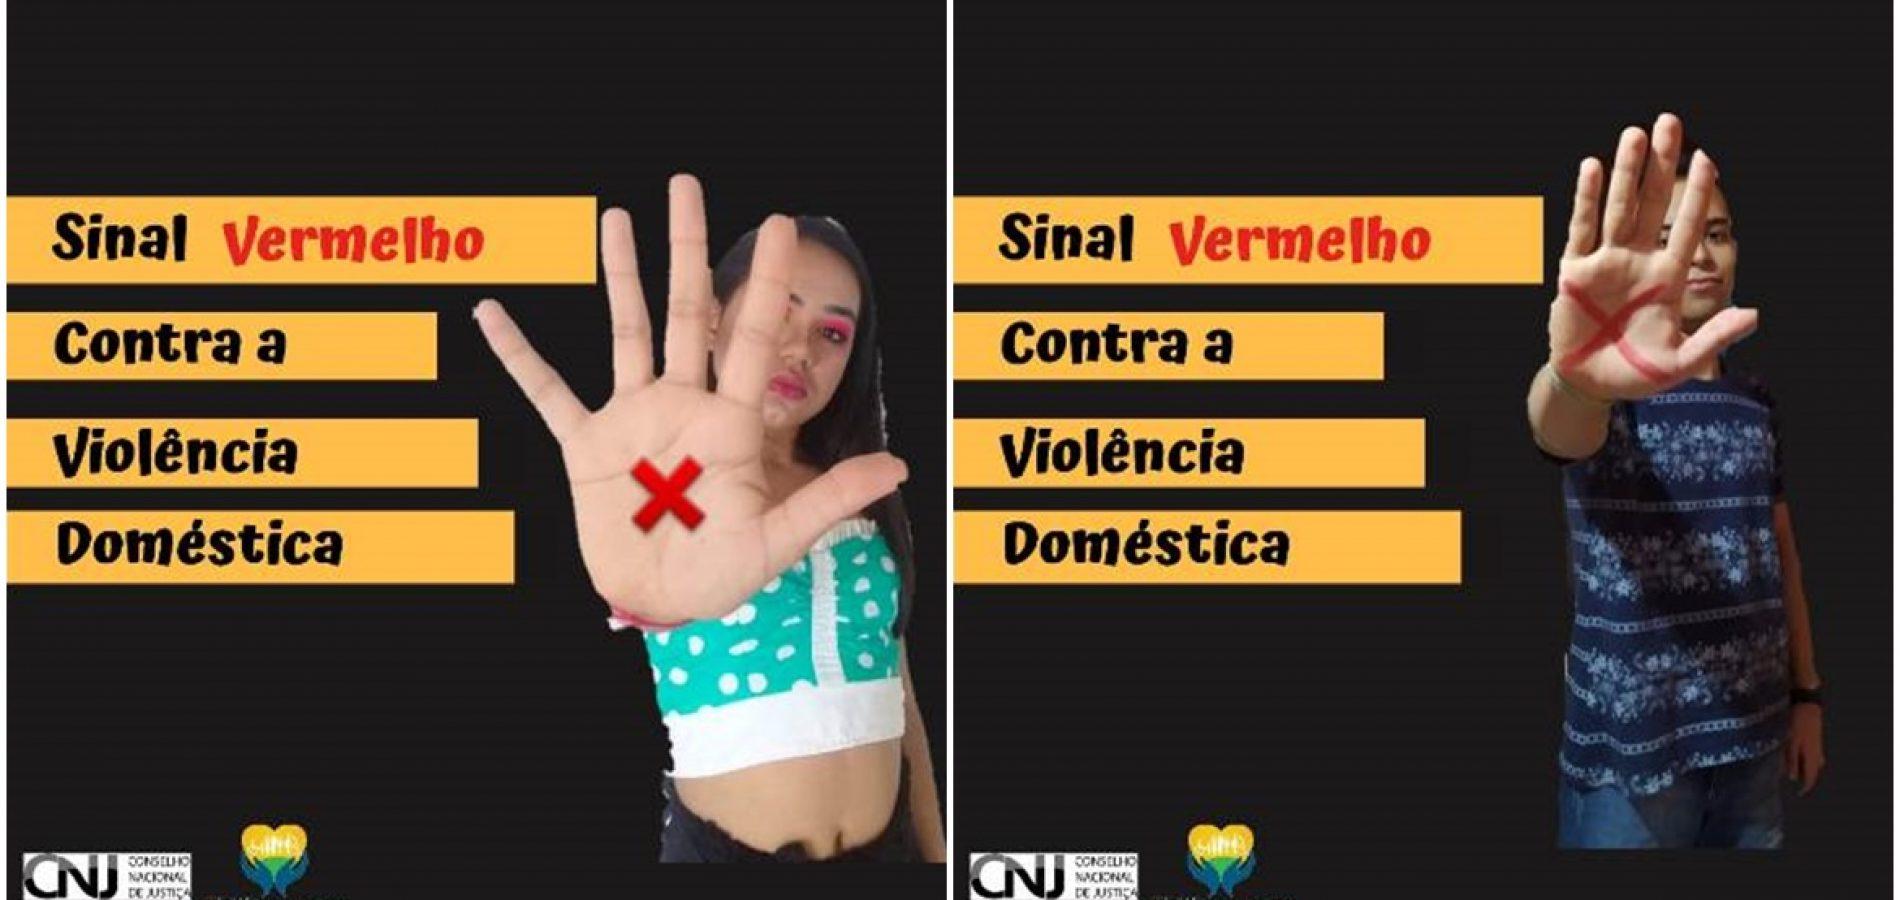 Assistência Social de Geminiano promove campanha virtual sobre violência doméstica contra a mulher